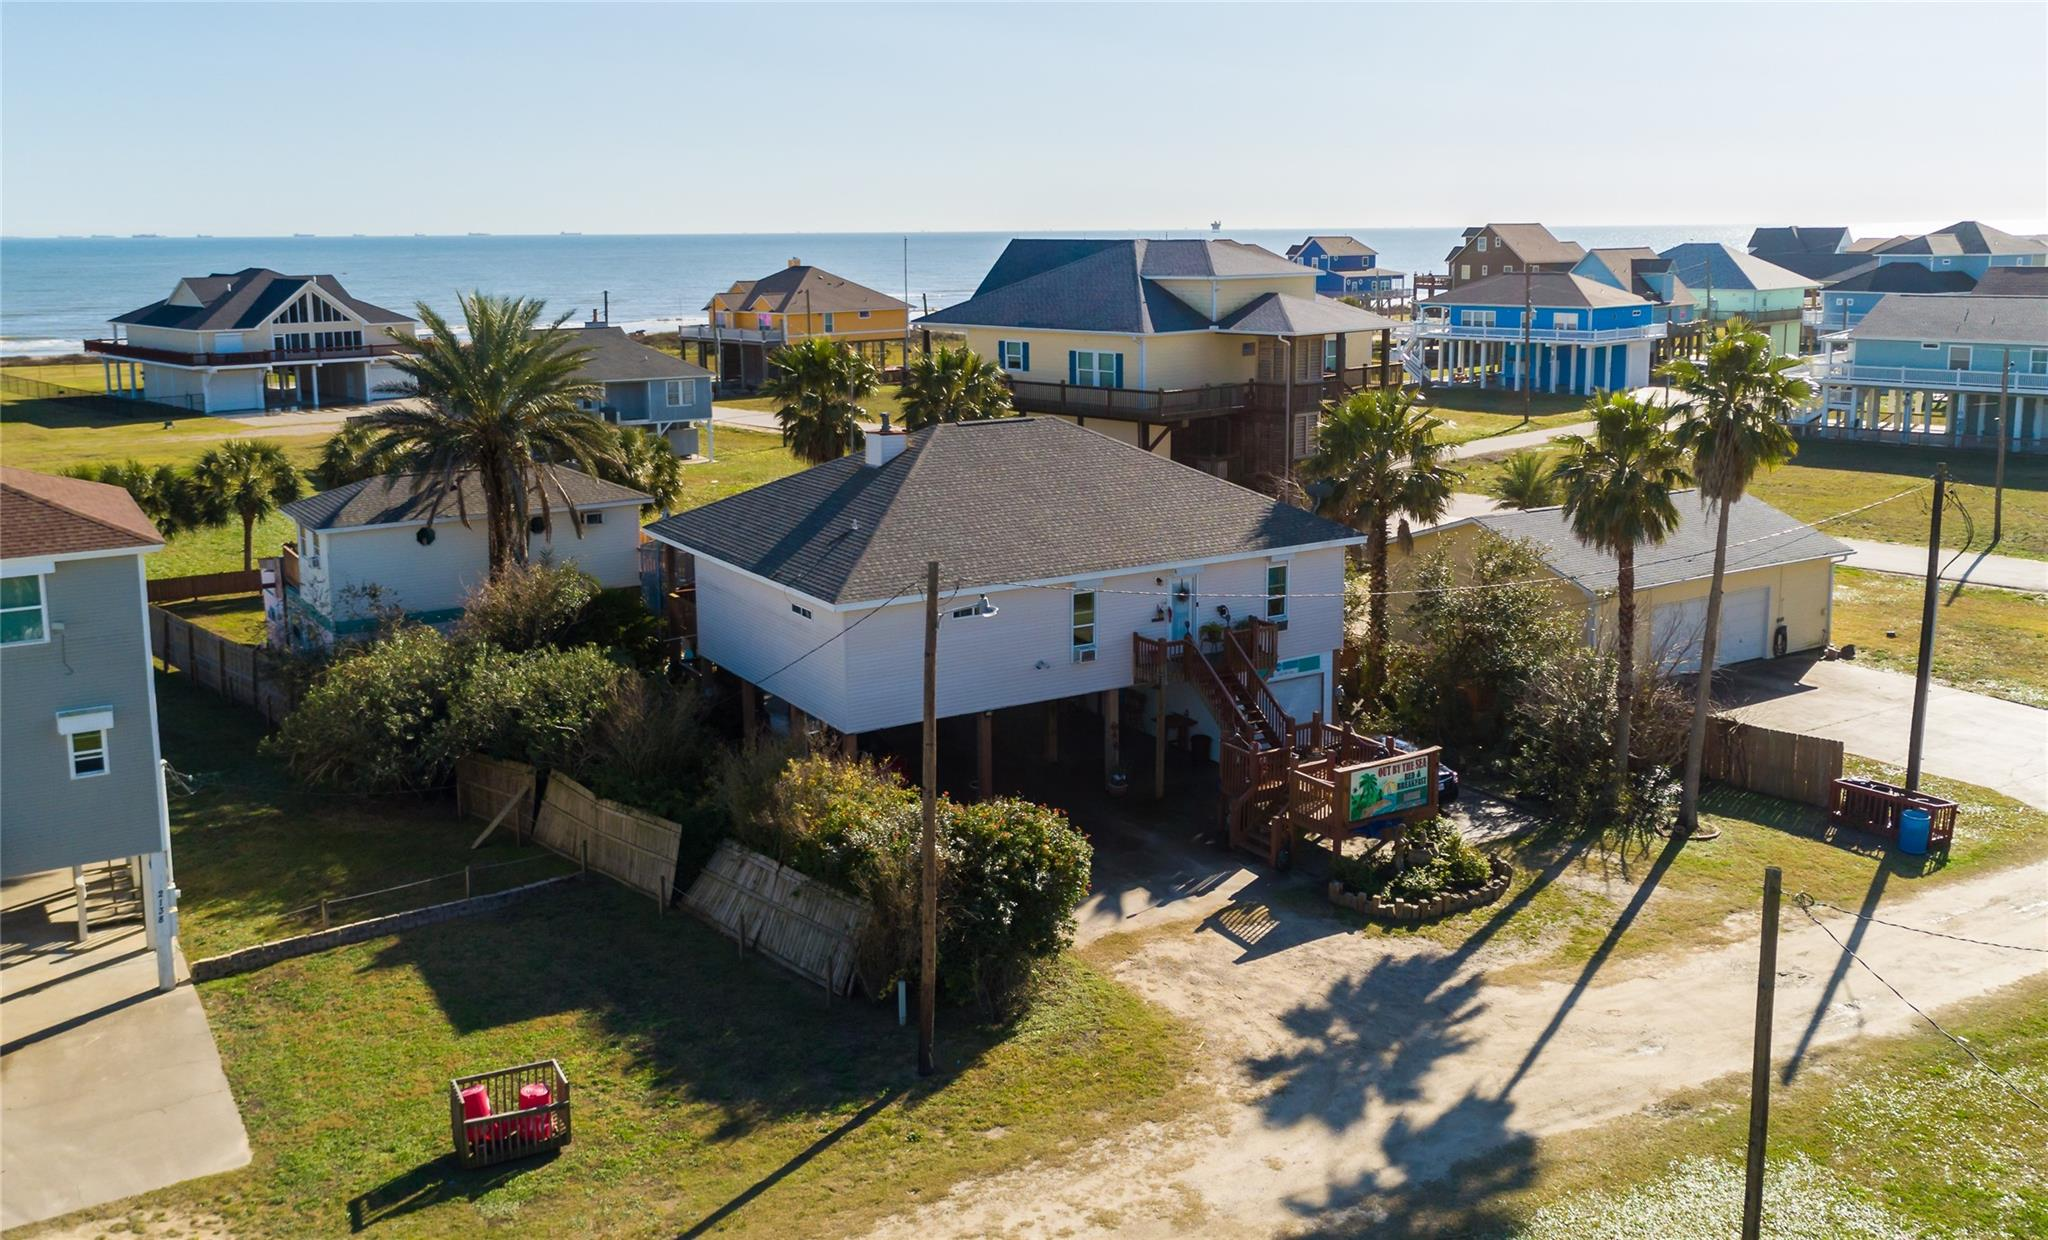 Alberdie Add 2 95 Real Estate Listings Main Image